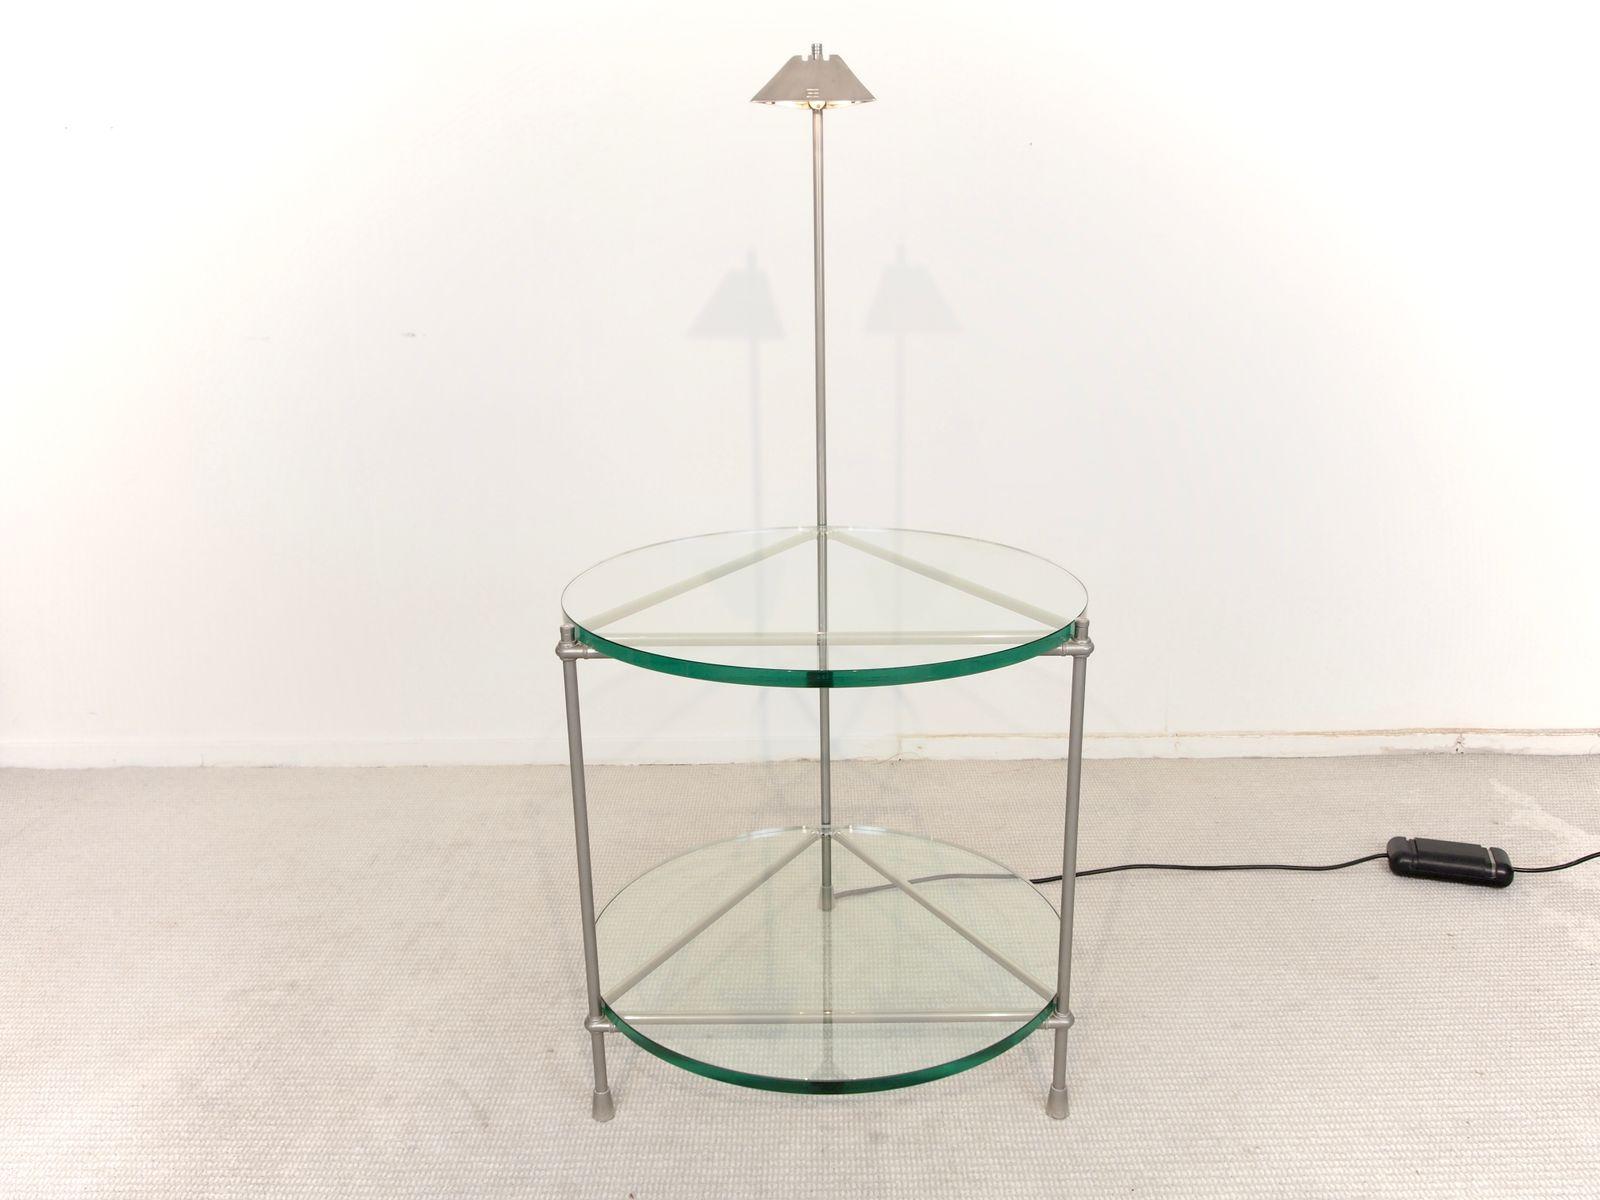 round beistelltisch aus chrom und glas mit integrierter. Black Bedroom Furniture Sets. Home Design Ideas